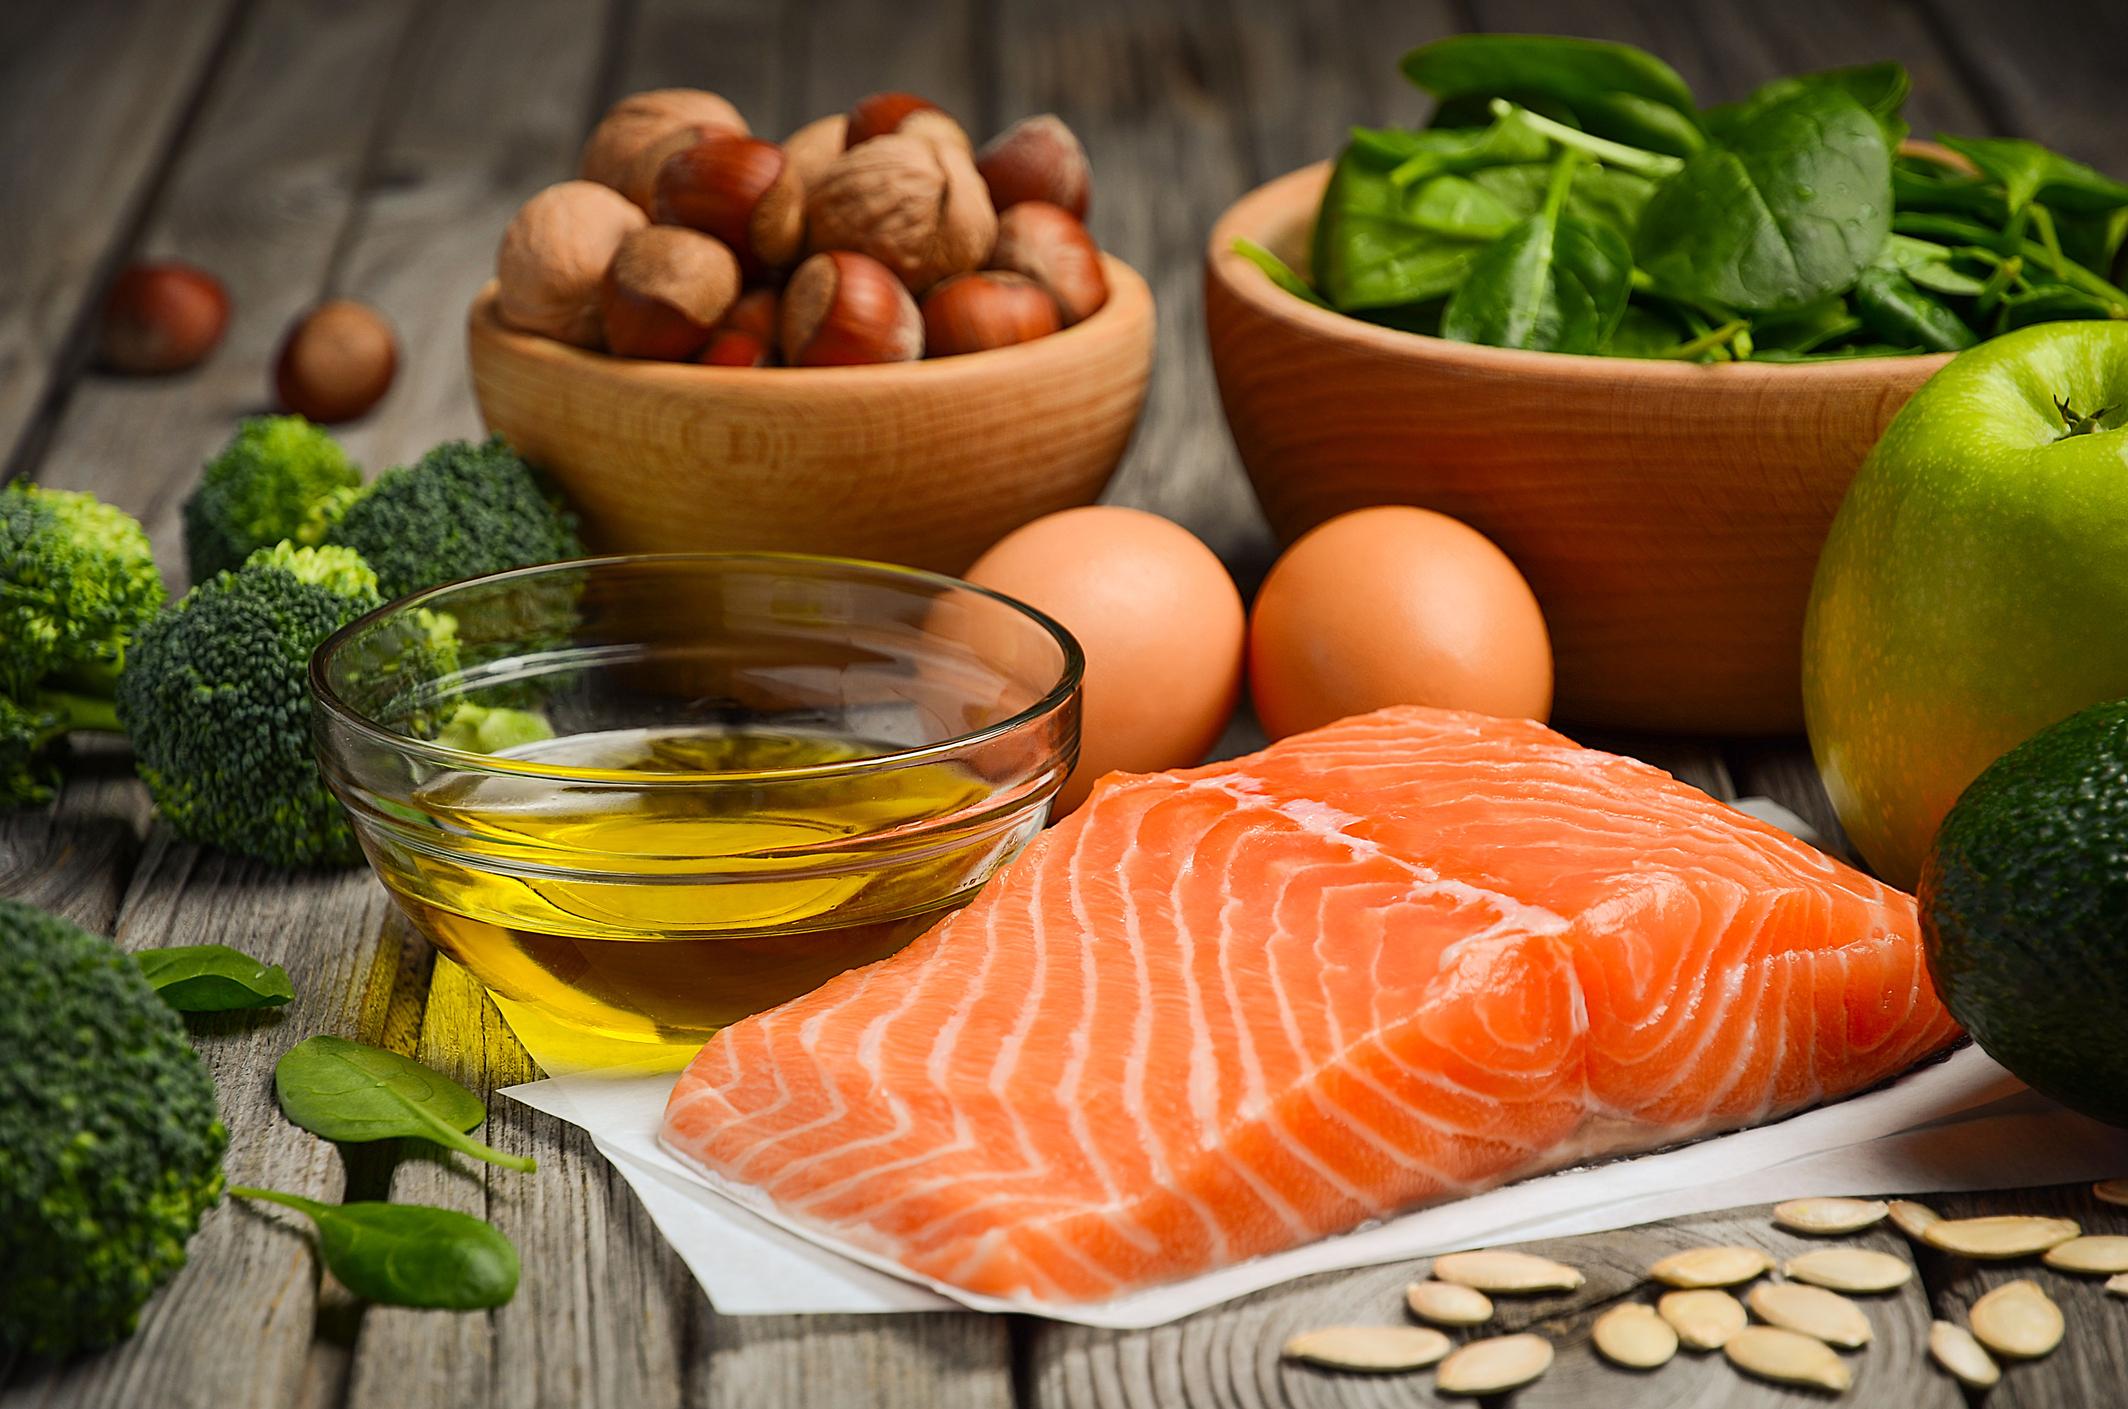 Acne x alimentação - alimentos ricos em zinco e vitamina A